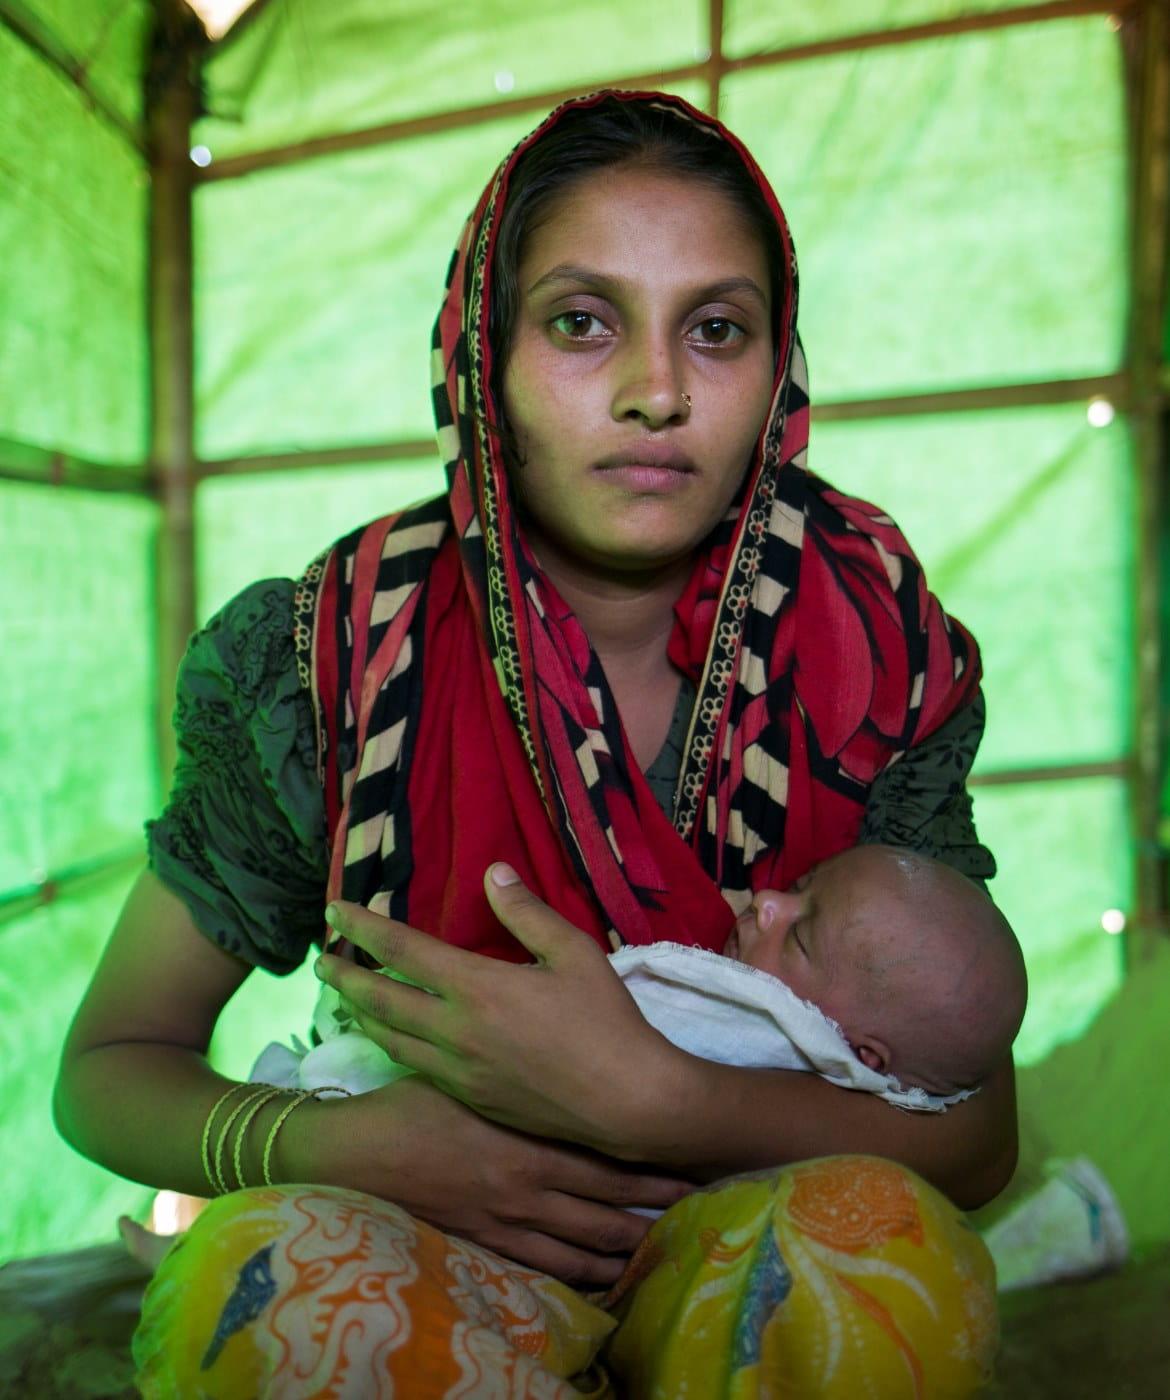 Woman and Baby - Yemen